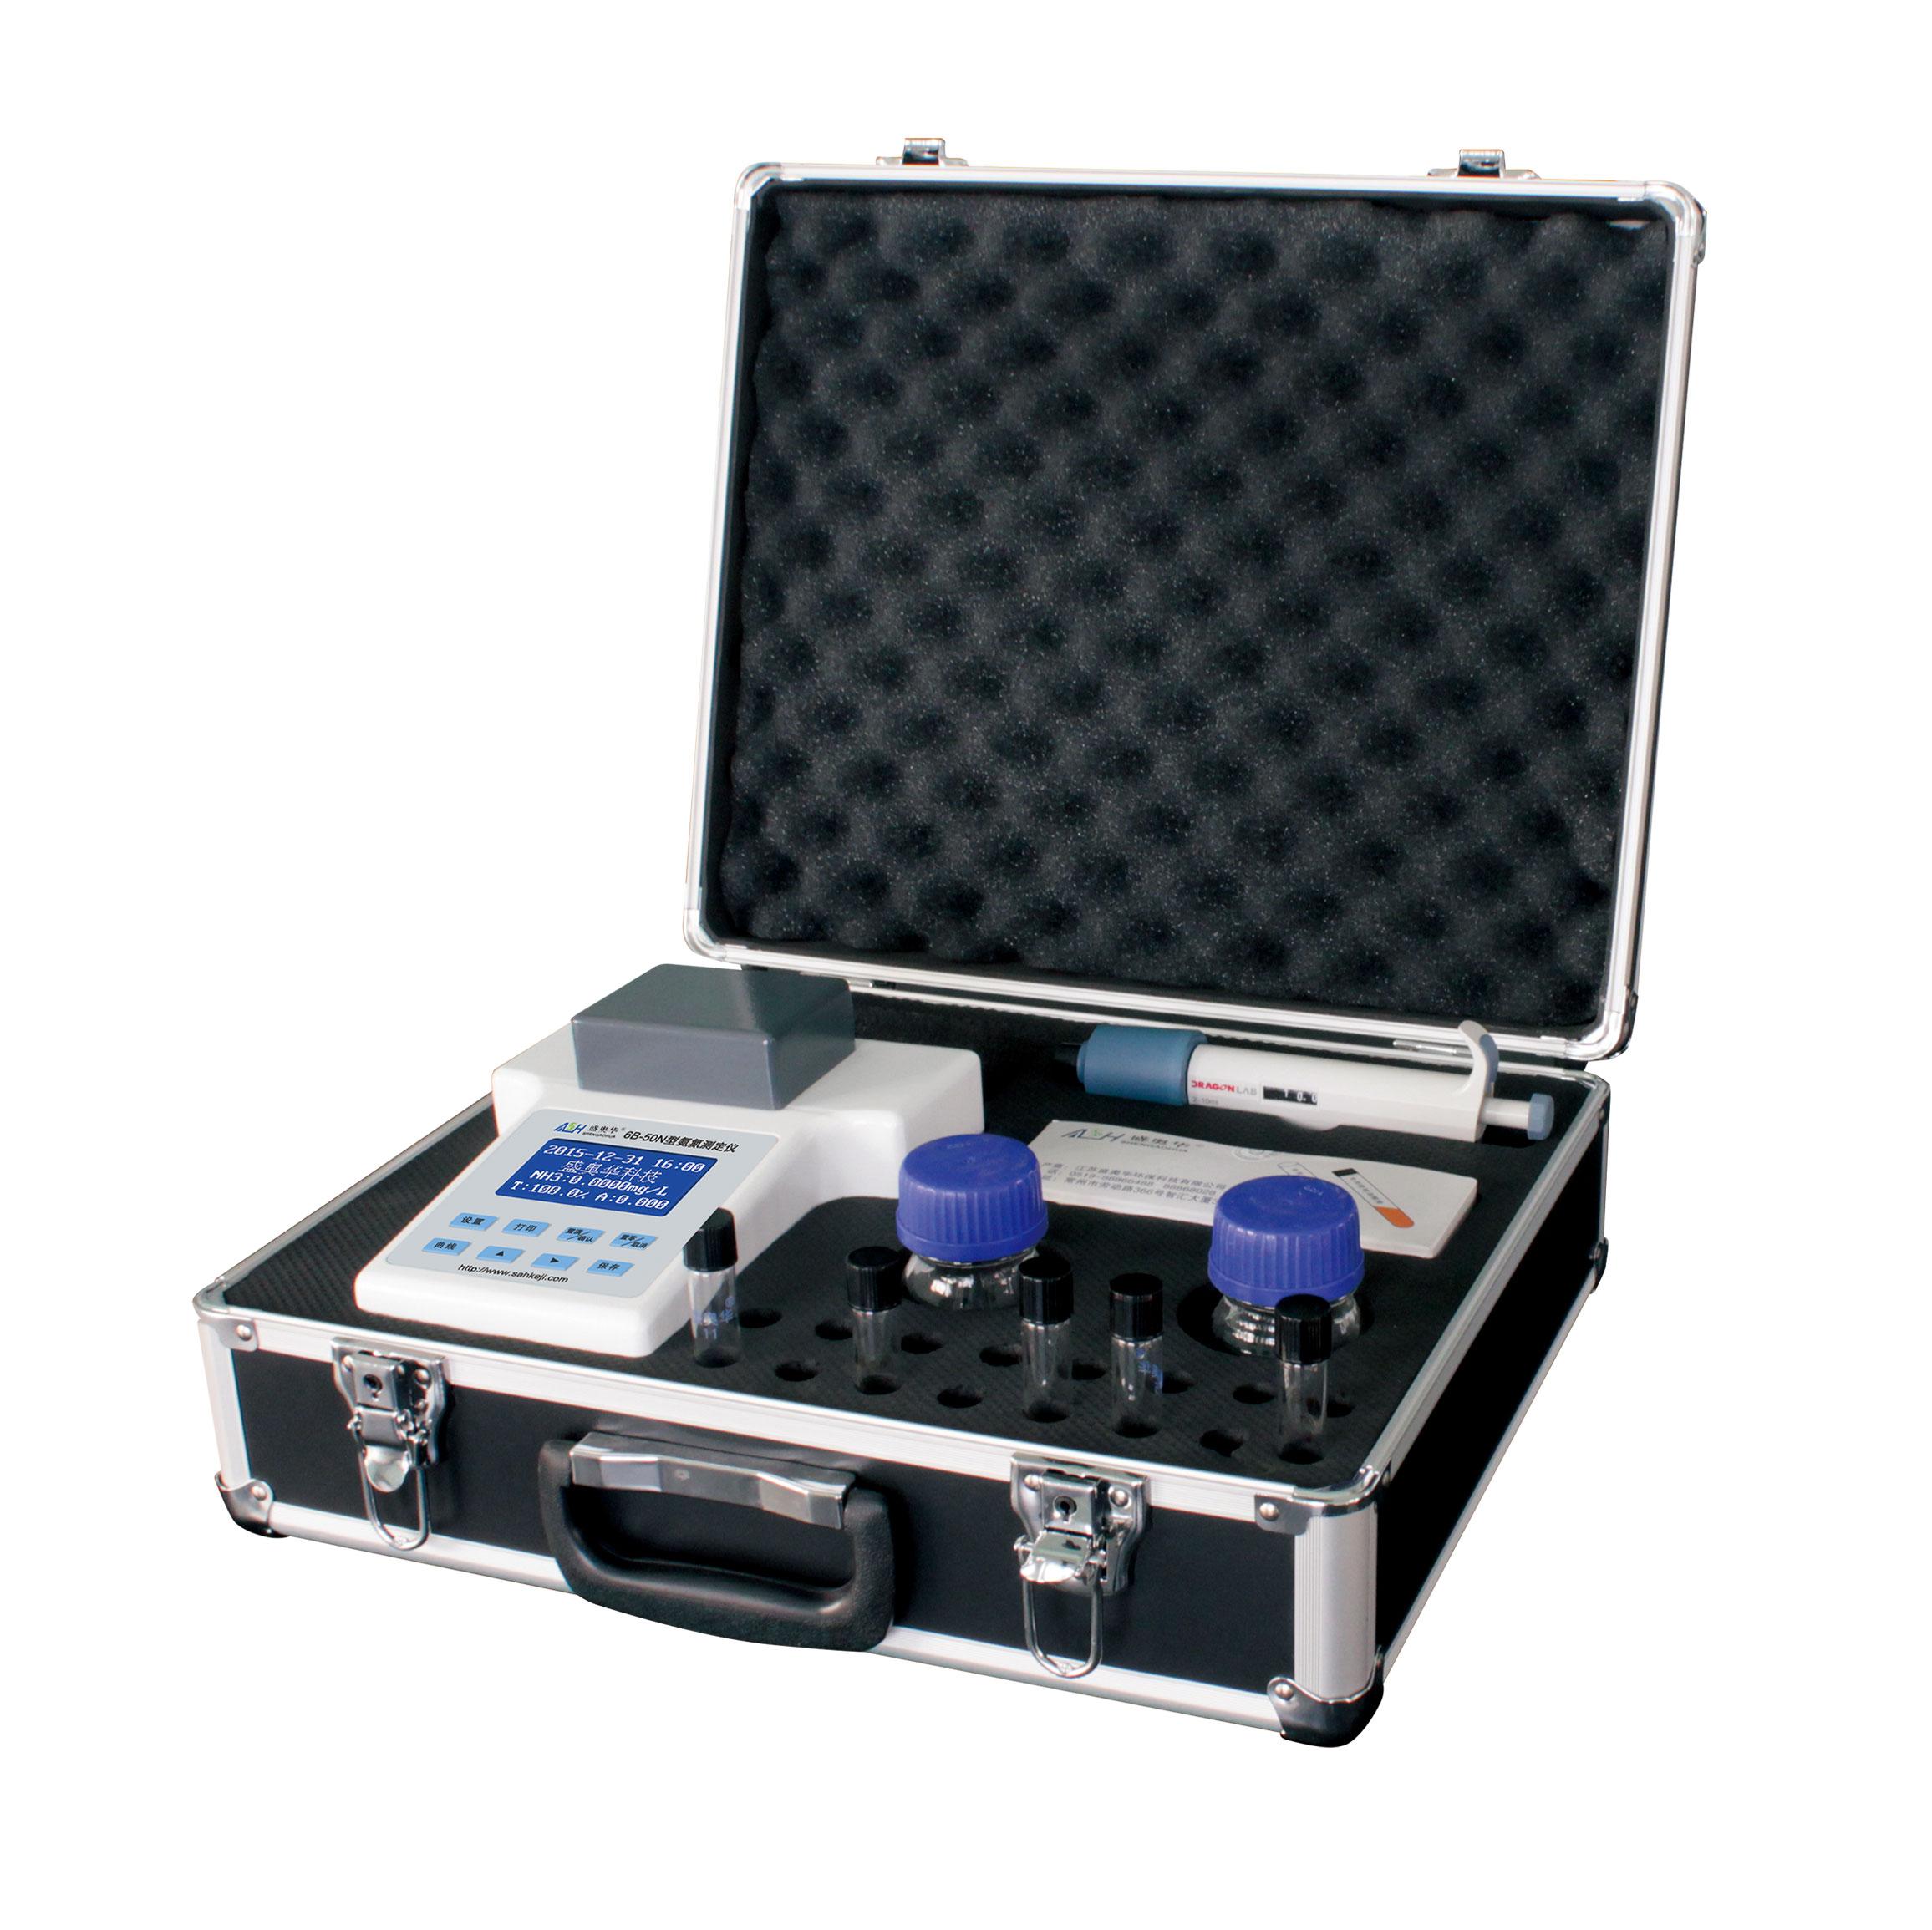 江苏盛奥华便携式氨氮测定仪6B-50N